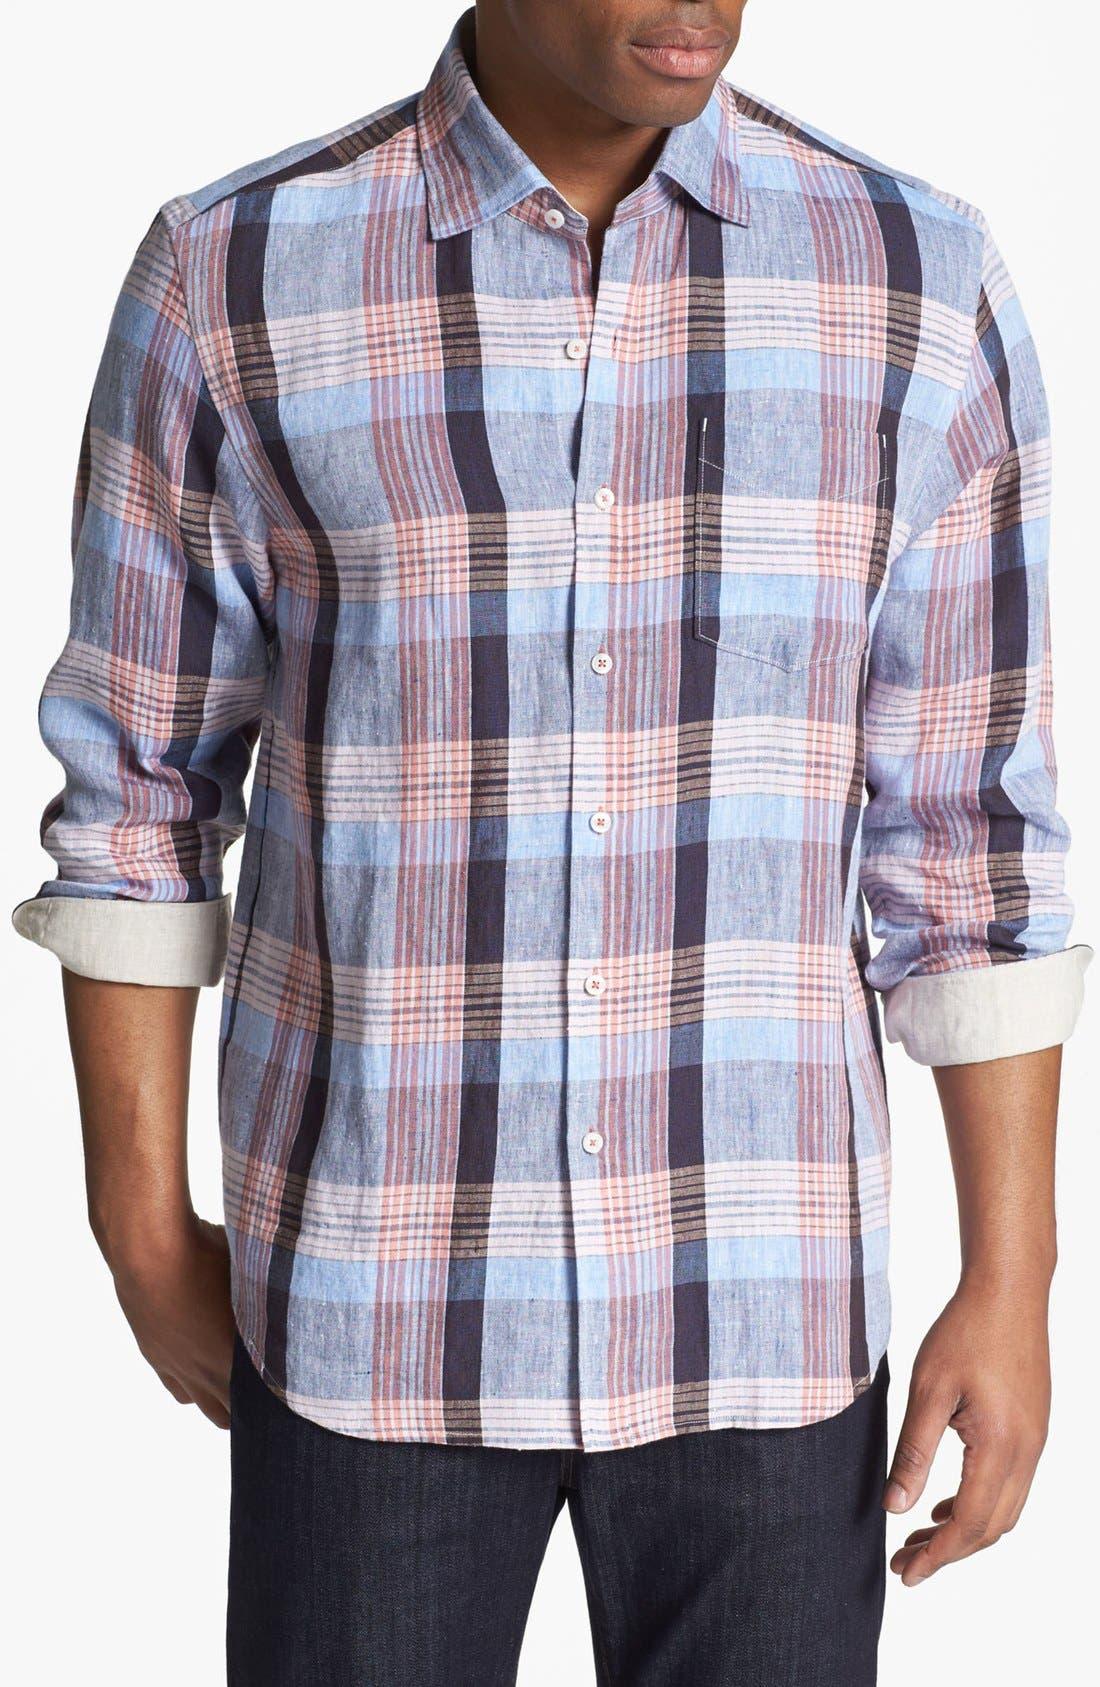 Alternate Image 1 Selected - Tommy Bahama 'Grande' Regular Fit Linen Sport Shirt